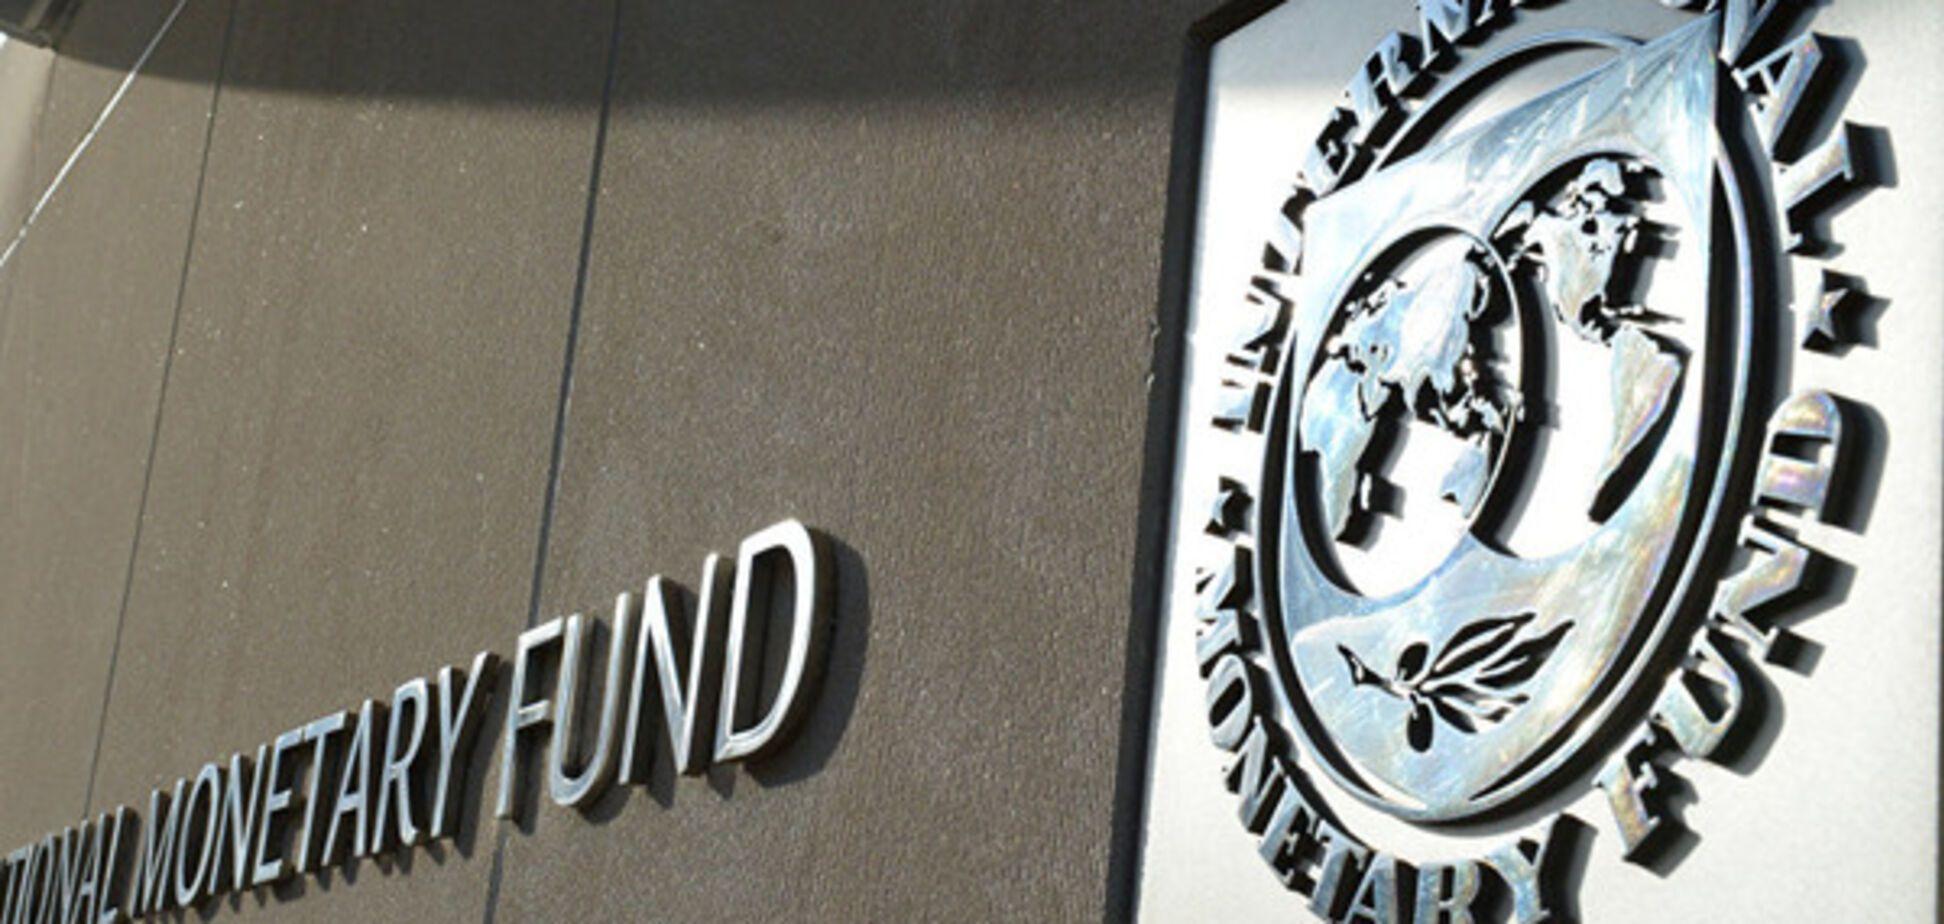 Вспомните Перу и Грецию: Коновалюк объяснил, почему МВФ не нужна сильная Украина